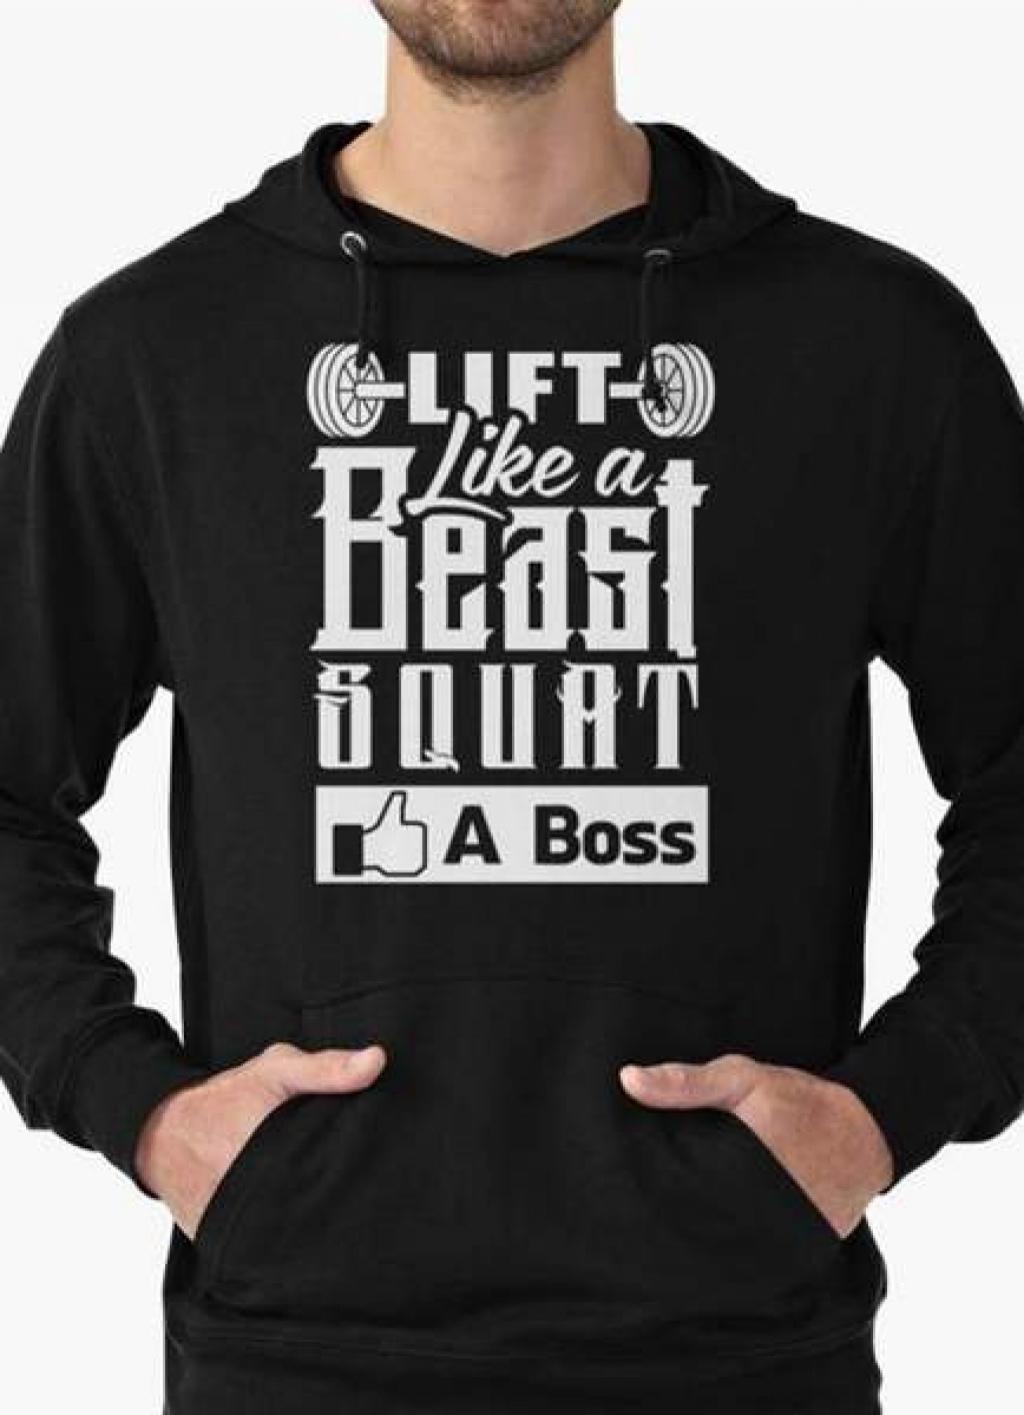 15408318780_farhan-ahmed-hoodie-lift-like-a-beast-hoodie-3908011098200_grande.jpg